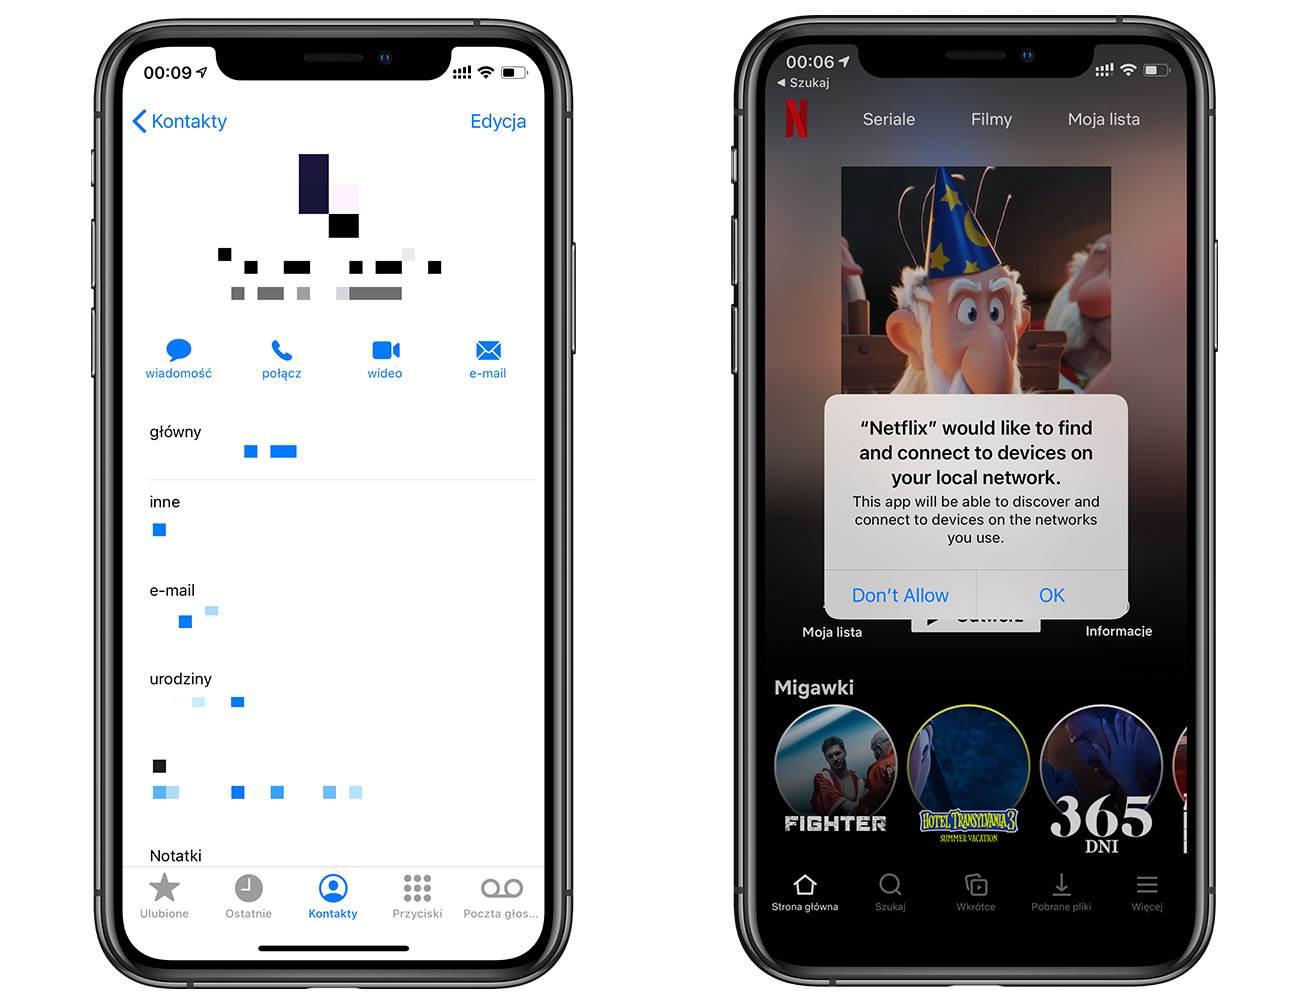 iOS 14 - polskie screeny polecane, ciekawostki zrzuty ekranu, screeny, polskie screeny z iOS 14 beta 1, polskie screeny z iOS 14, jak wygląda iOS 14 beta, jak wyglada iOS 14, iOS 14 z bliska, iOS 14 screeny, iOS 14 beta screeny, iOS, Apple  Pierwsza beta iOS 14 jest już w naszych rękach, więc przygotowaliśmy dla Was polskie screeny z najnowszej wersji iOS. iOS14 1 3